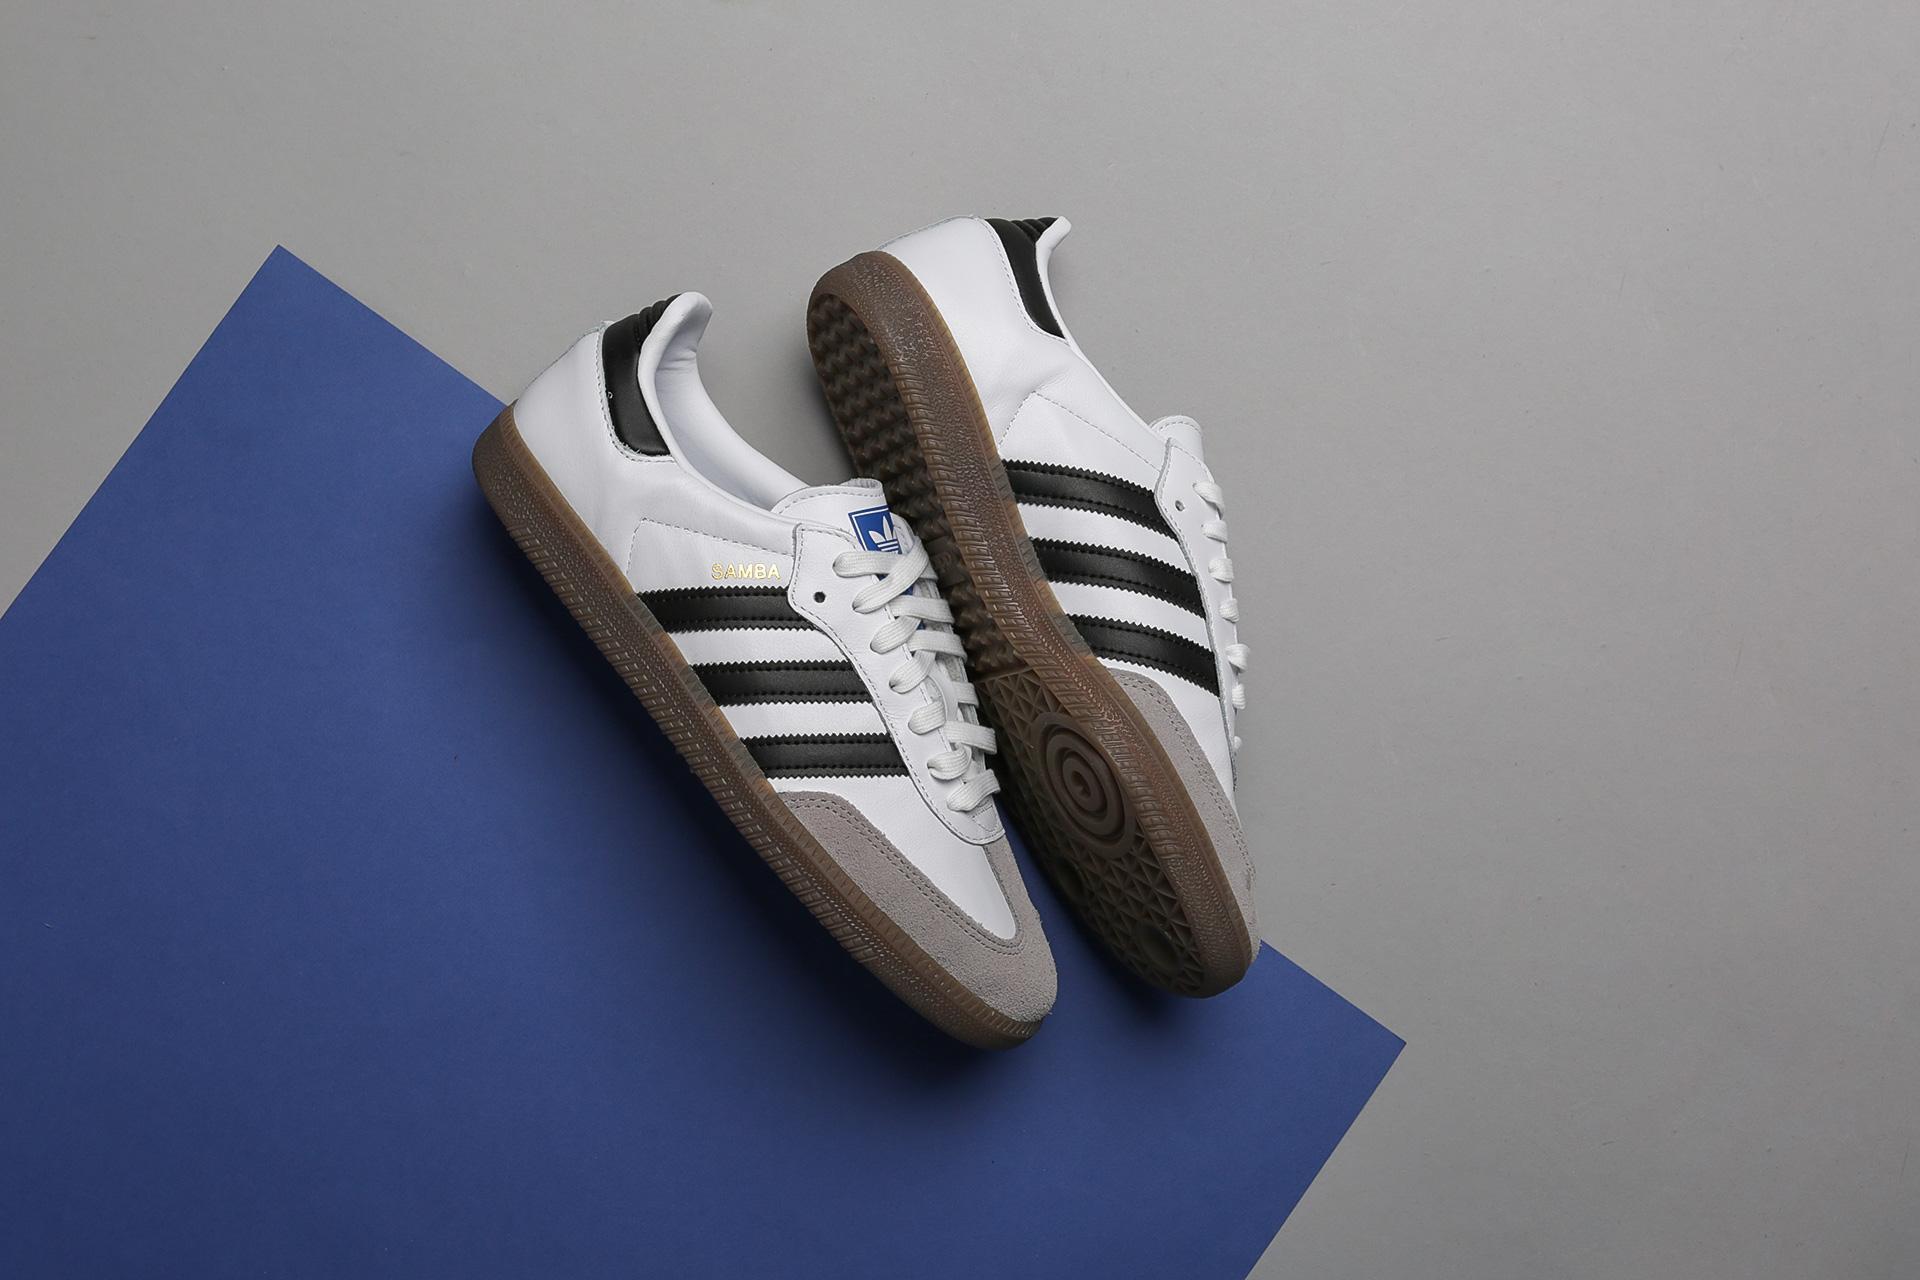 af4a88a7 Купить белые мужские кроссовки Samba OG от adidas Originals (B75806 ...